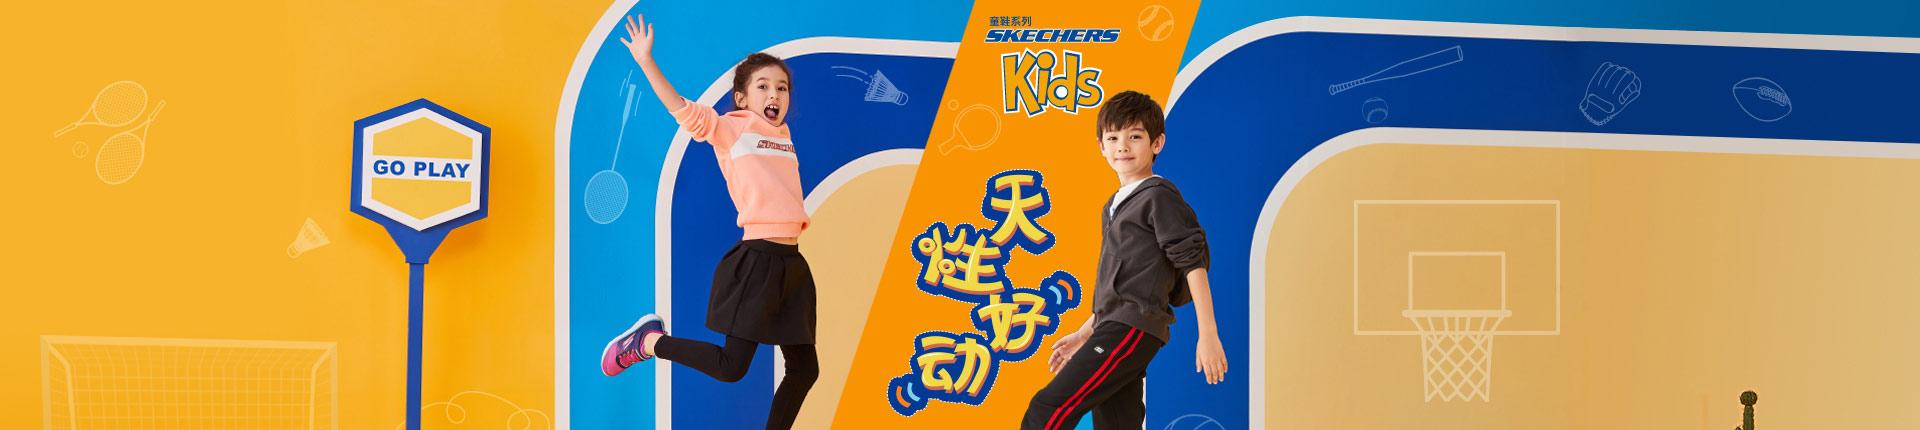 斯凯奇童鞋官方网站